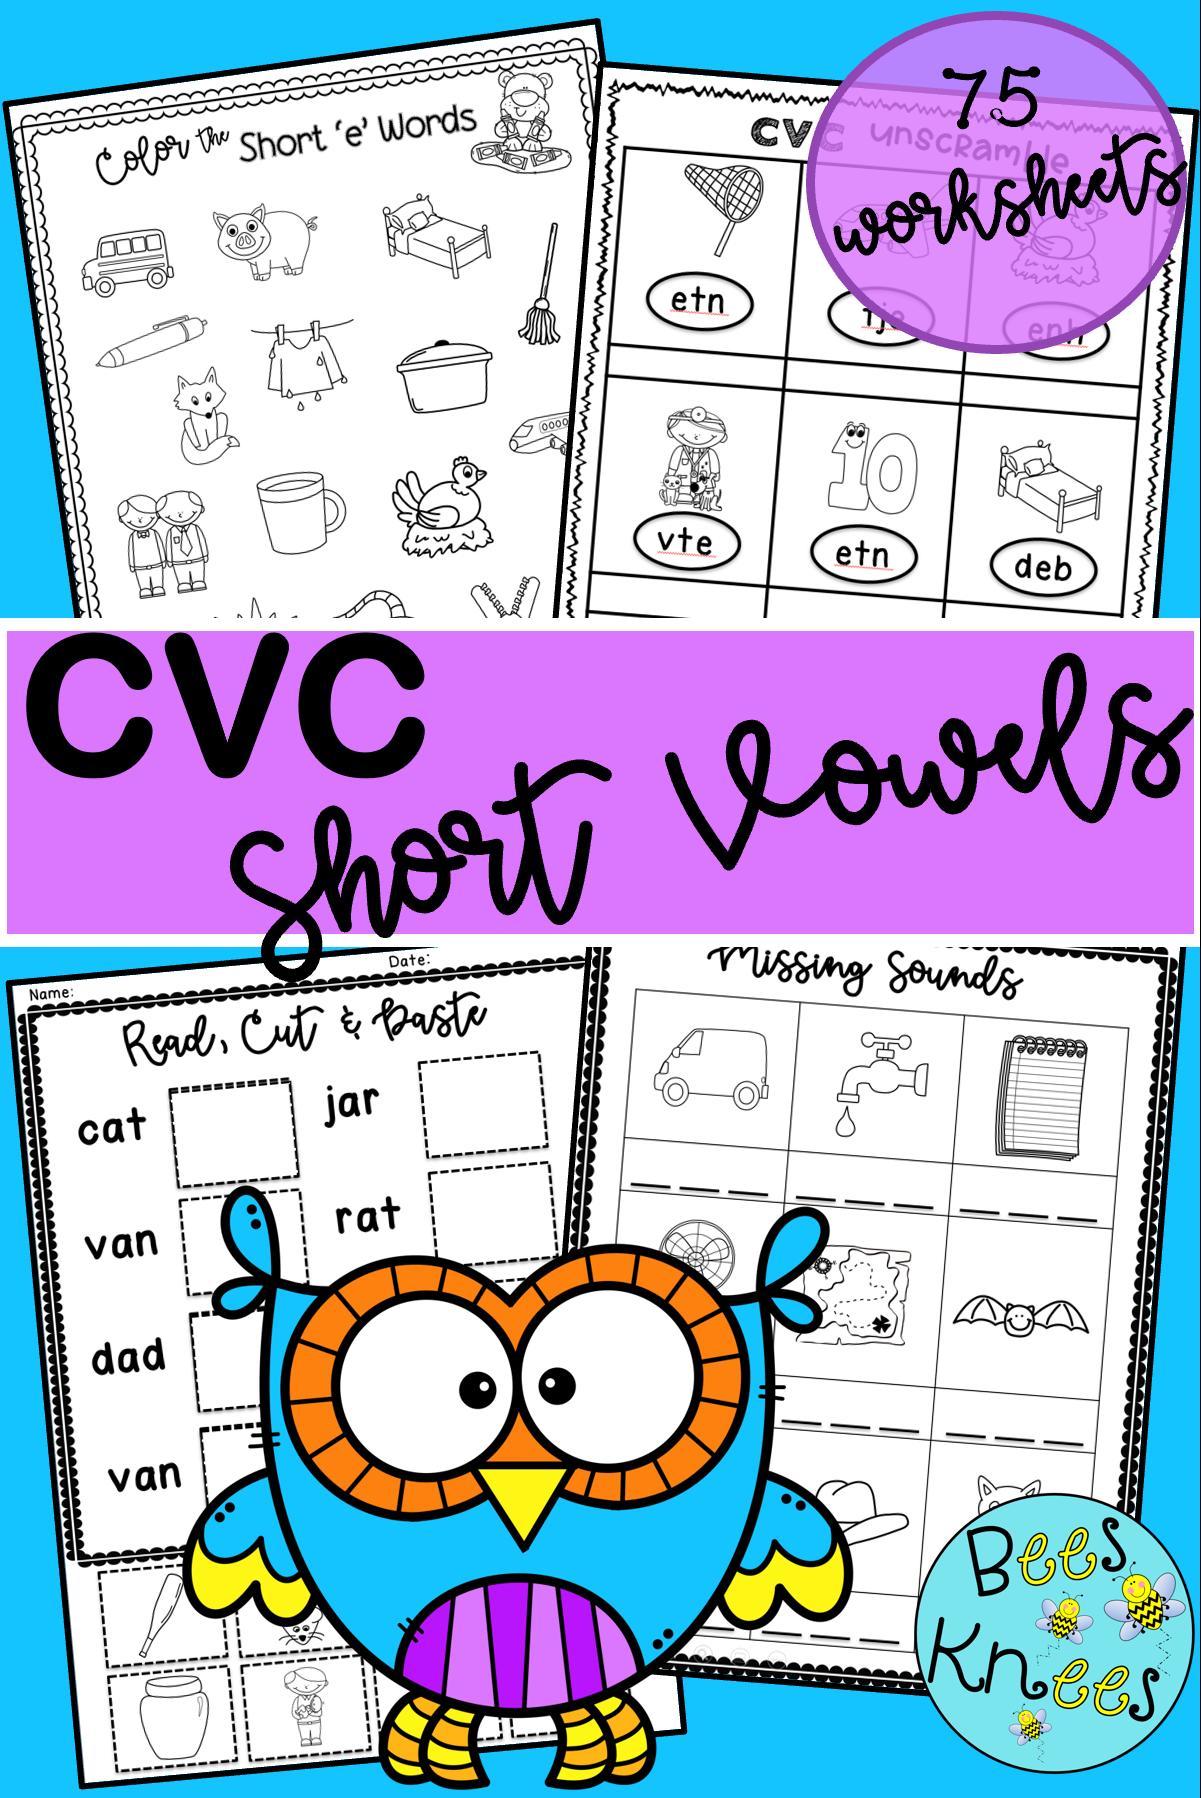 Cvc Short Vowel Worksheets In